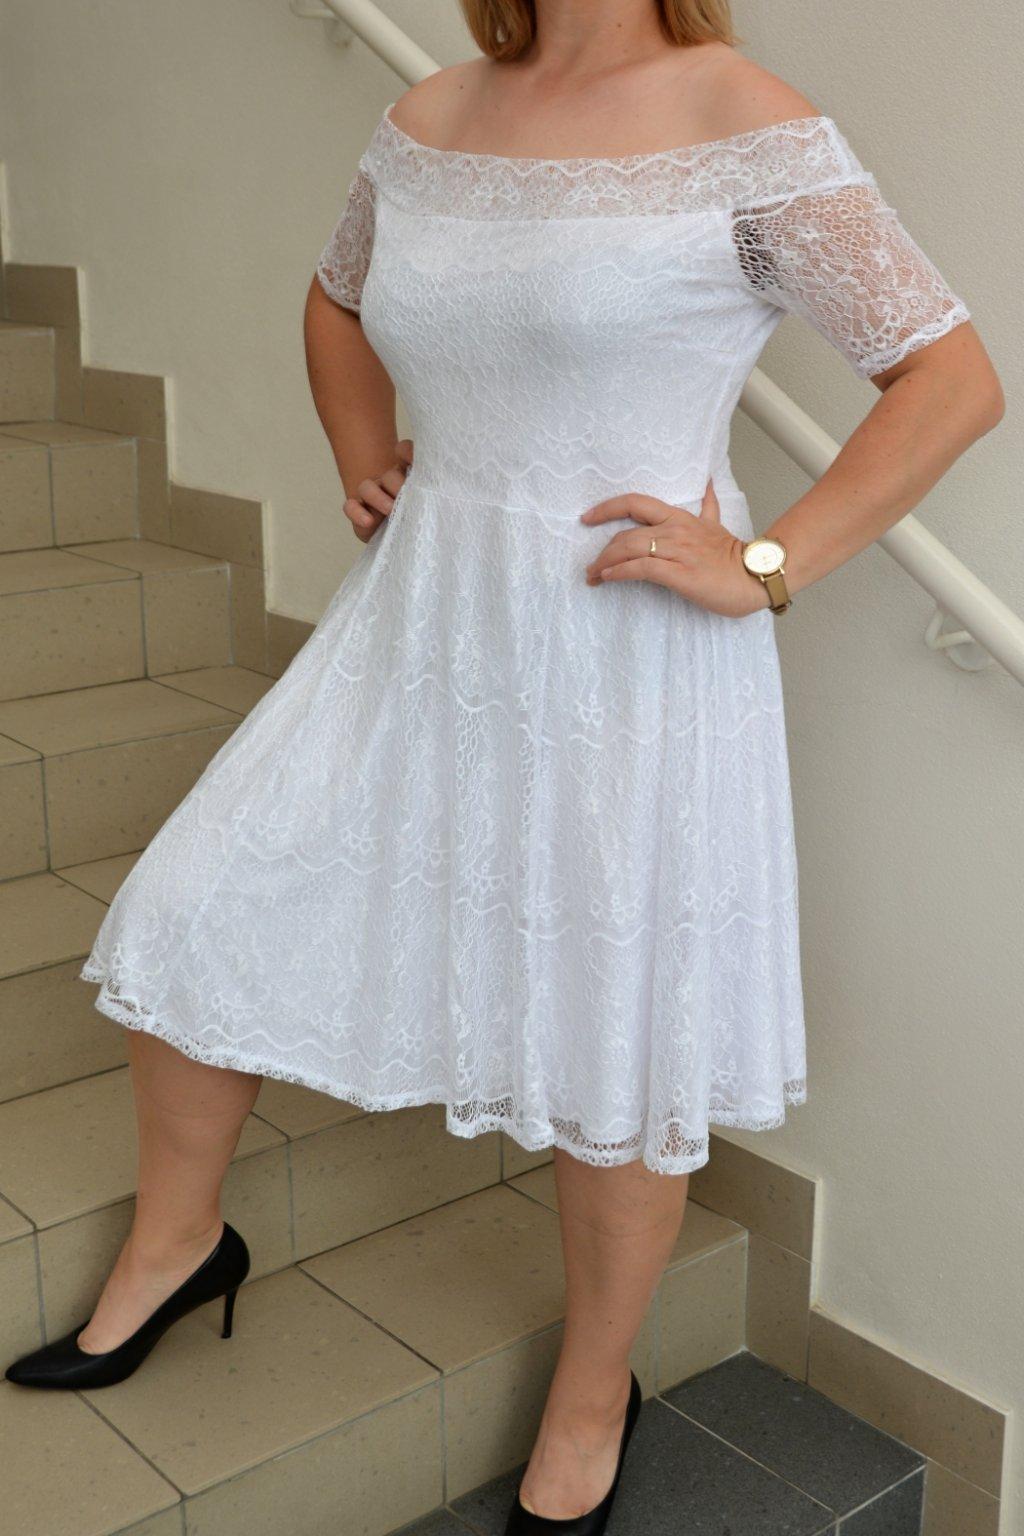 Svatební krajkové šaty Avant s rozšřířenou sukní